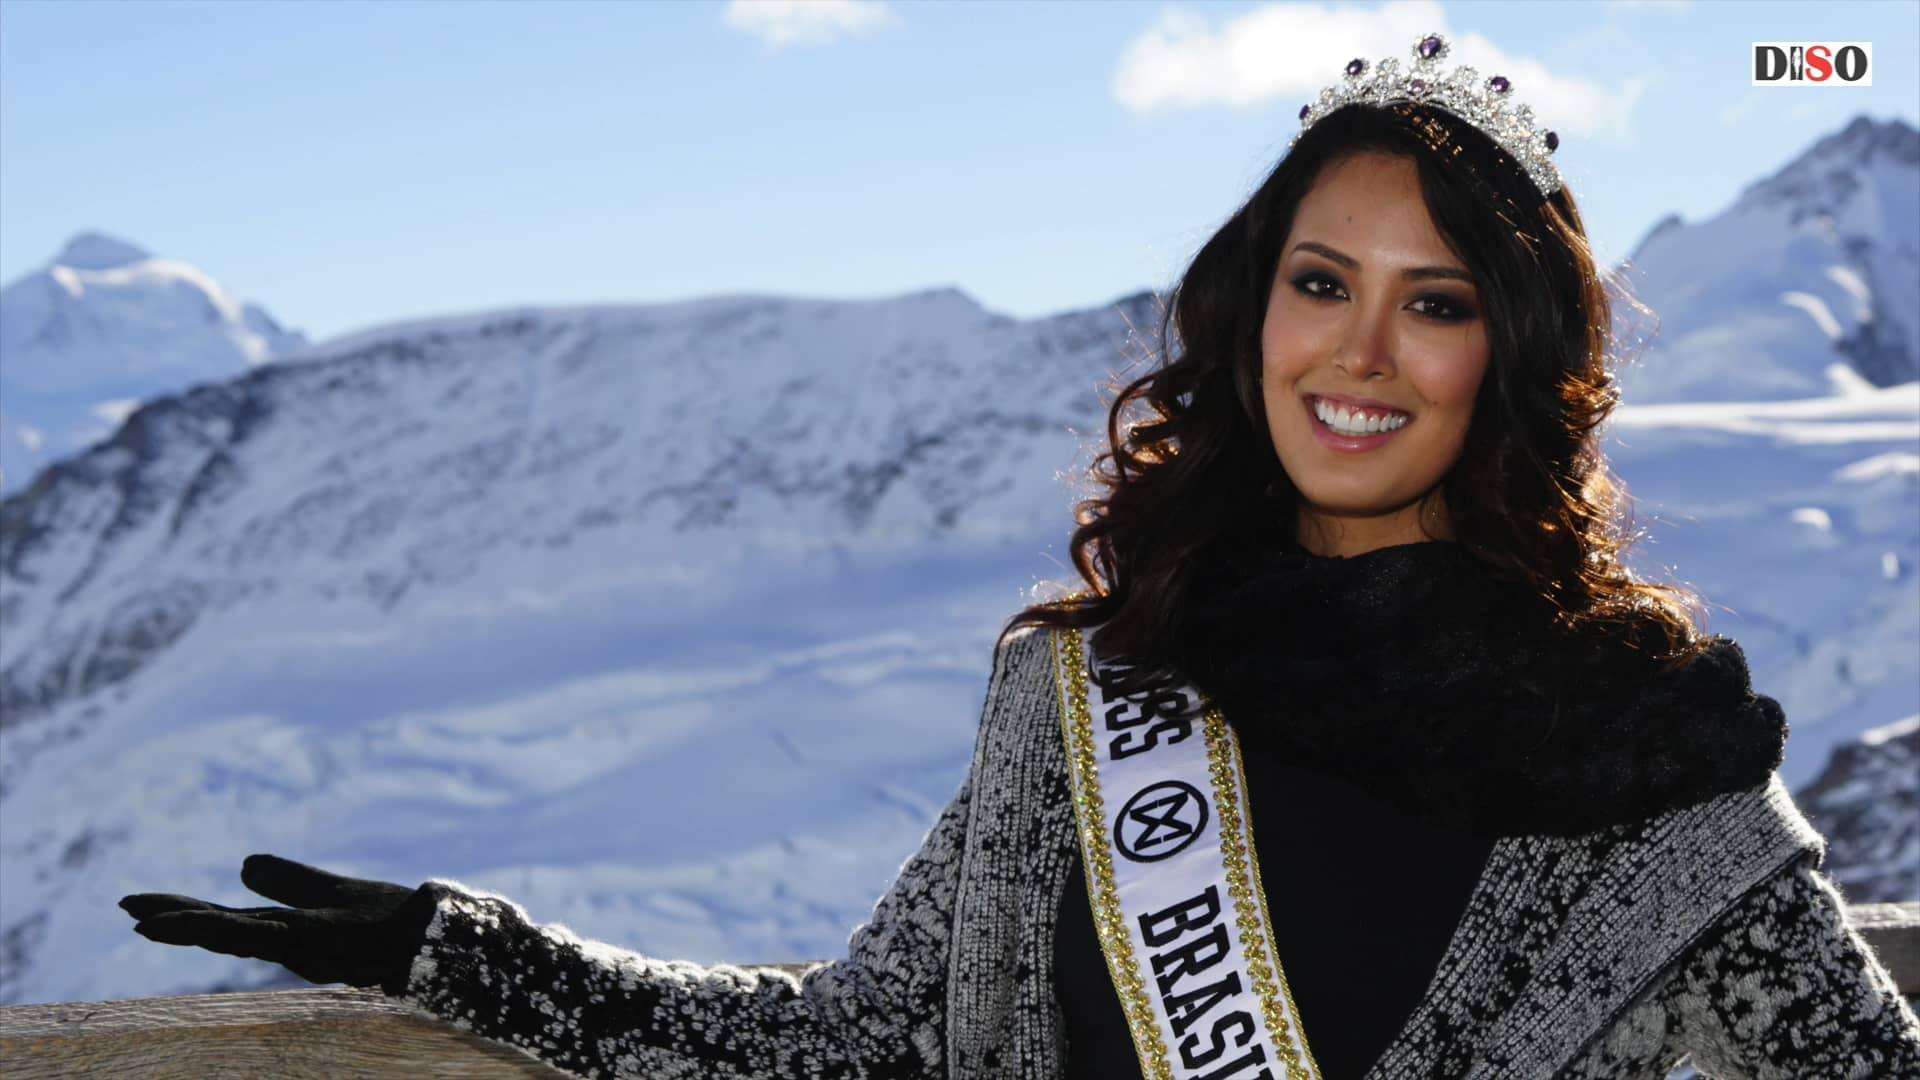 catharina choi nunes, miss mundo brasil 2015. - Página 3 K3sgi353